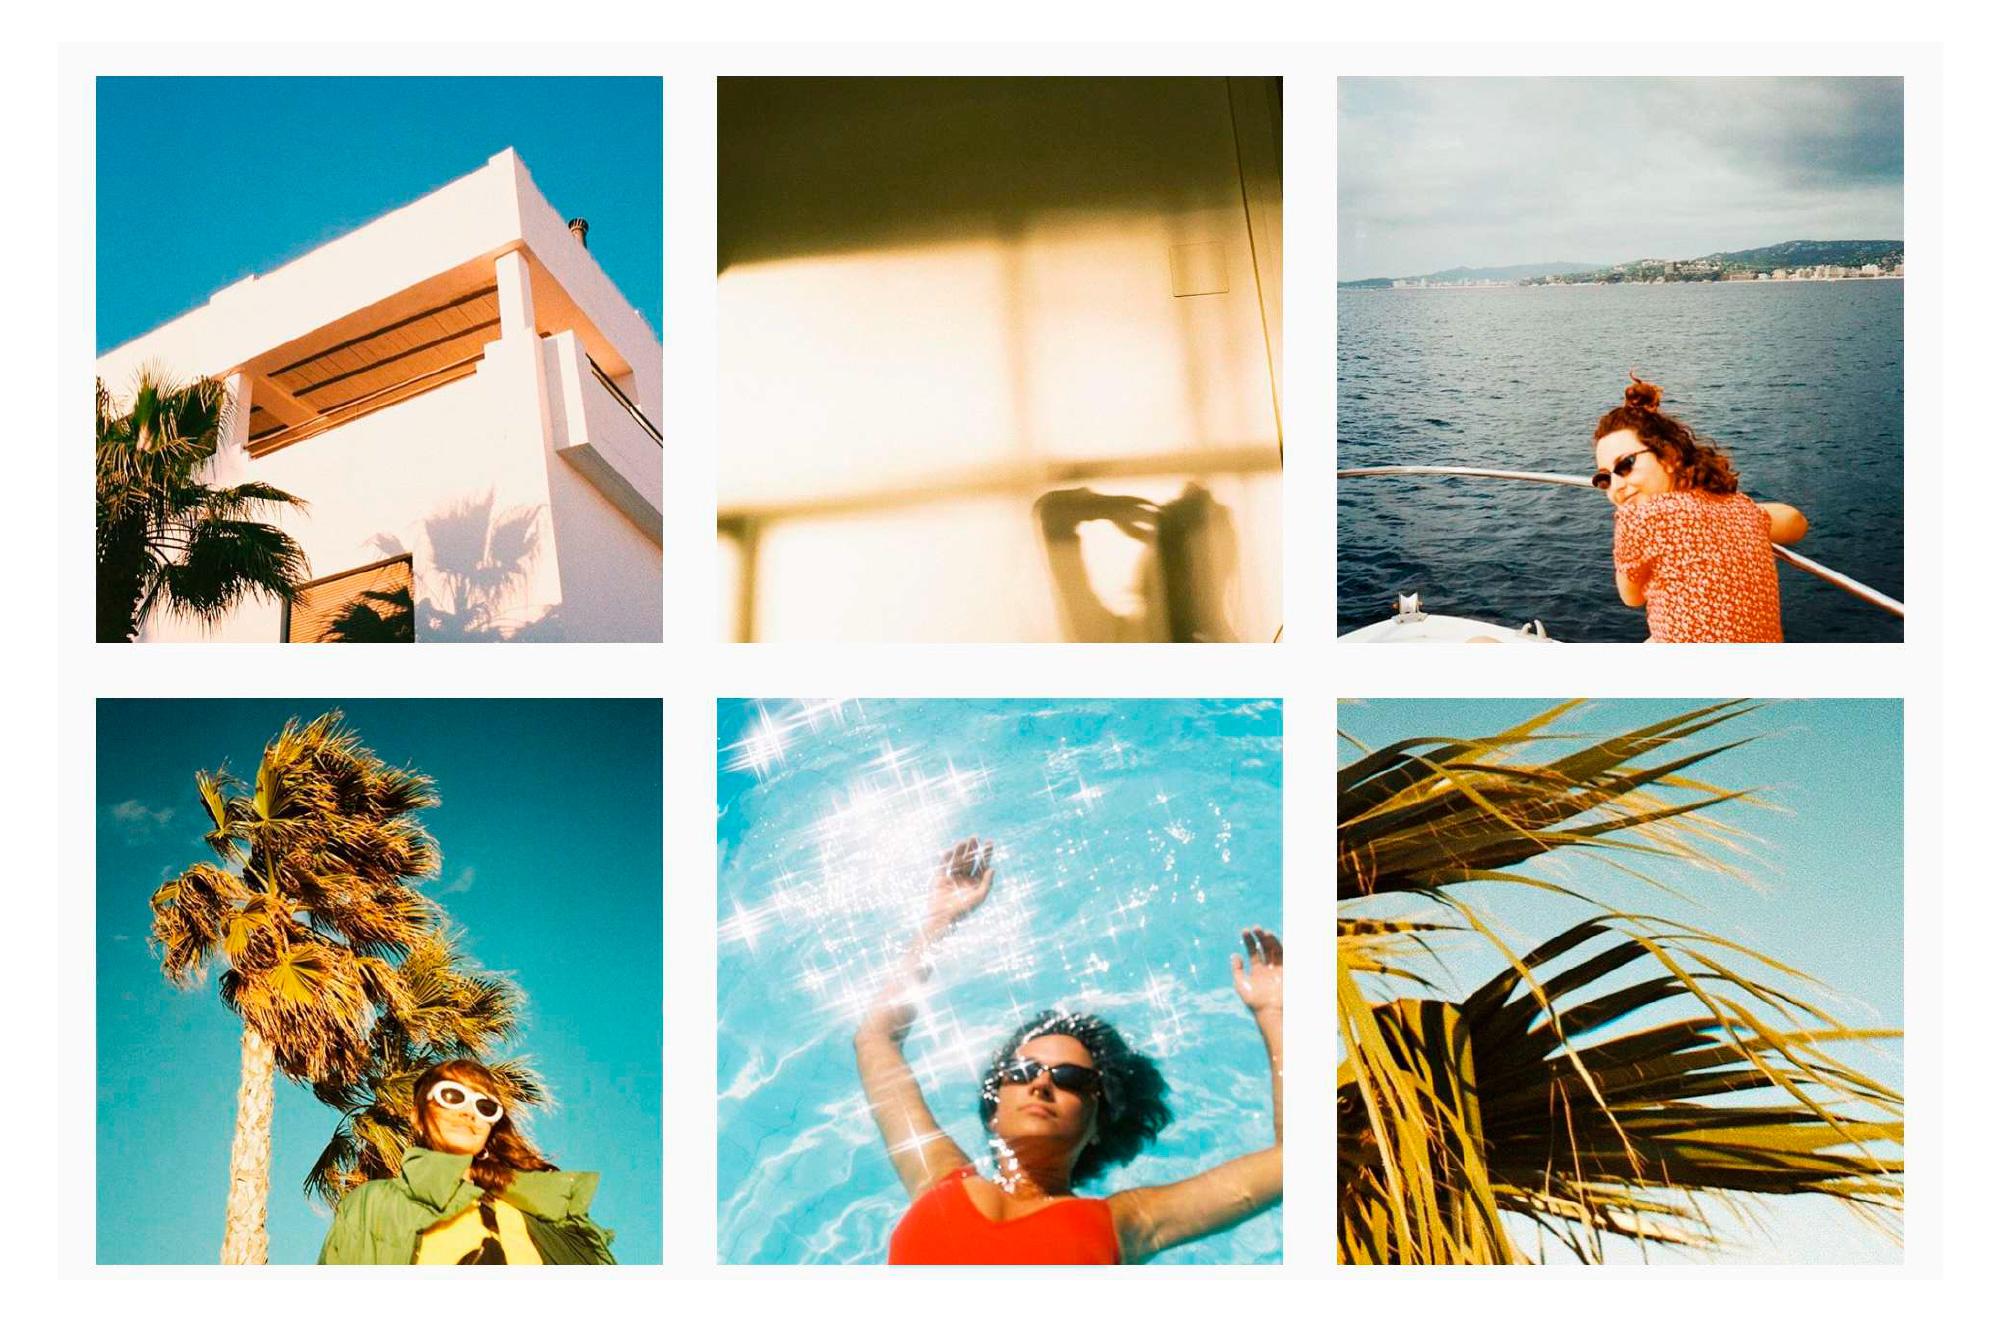 inspiracion identidad estudio foto